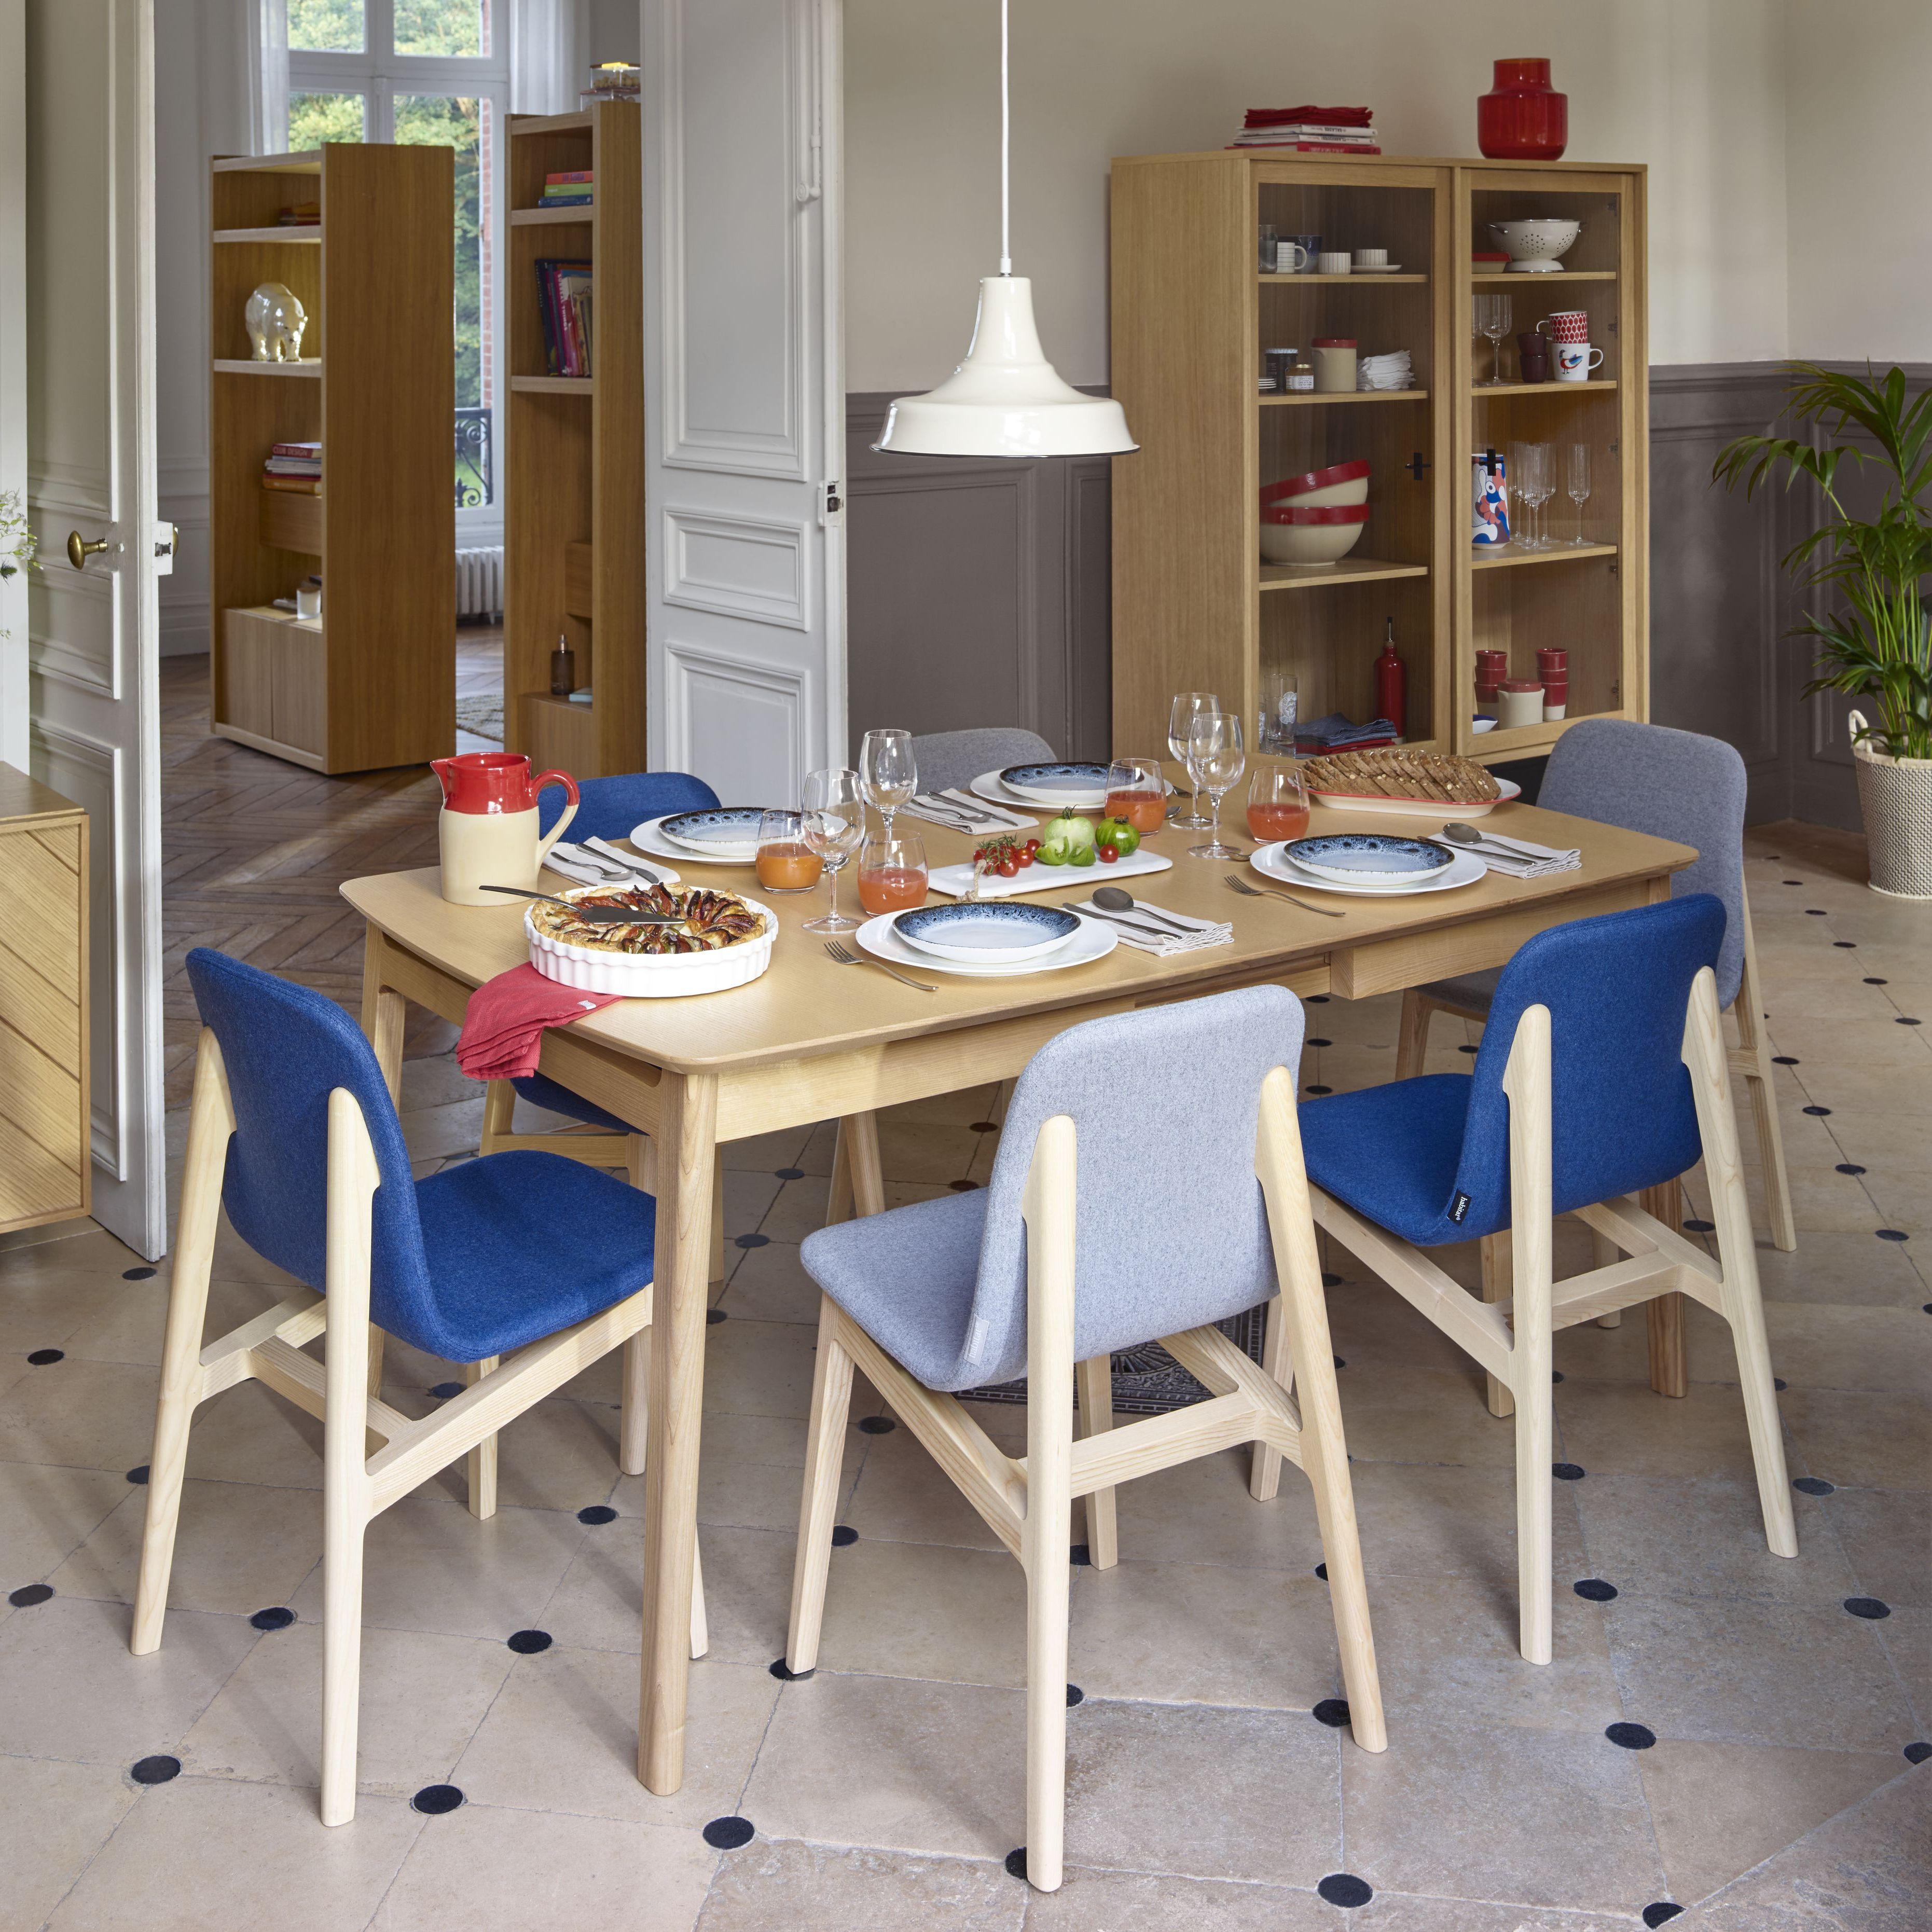 My Mia Table Extensible En Frene Design By Noe Duchaufour Lawrance Table De Salle A Manger Extensible Table Salle A Manger Grandes Salles A Manger